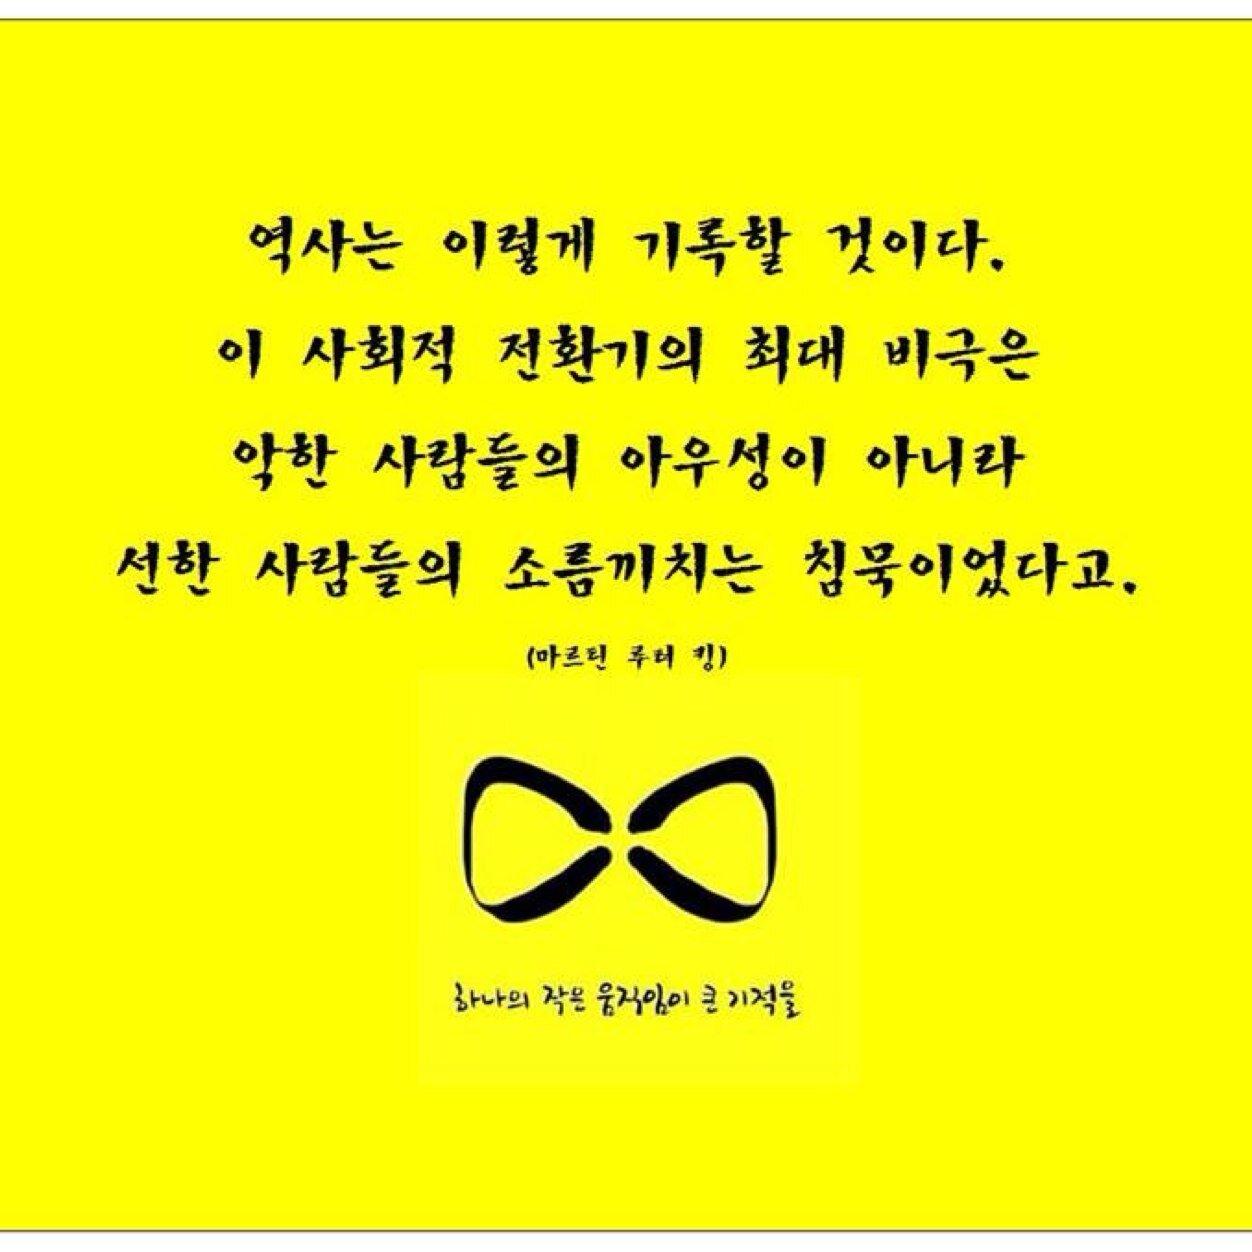 천주교정의구현전국사제단 Social Profile